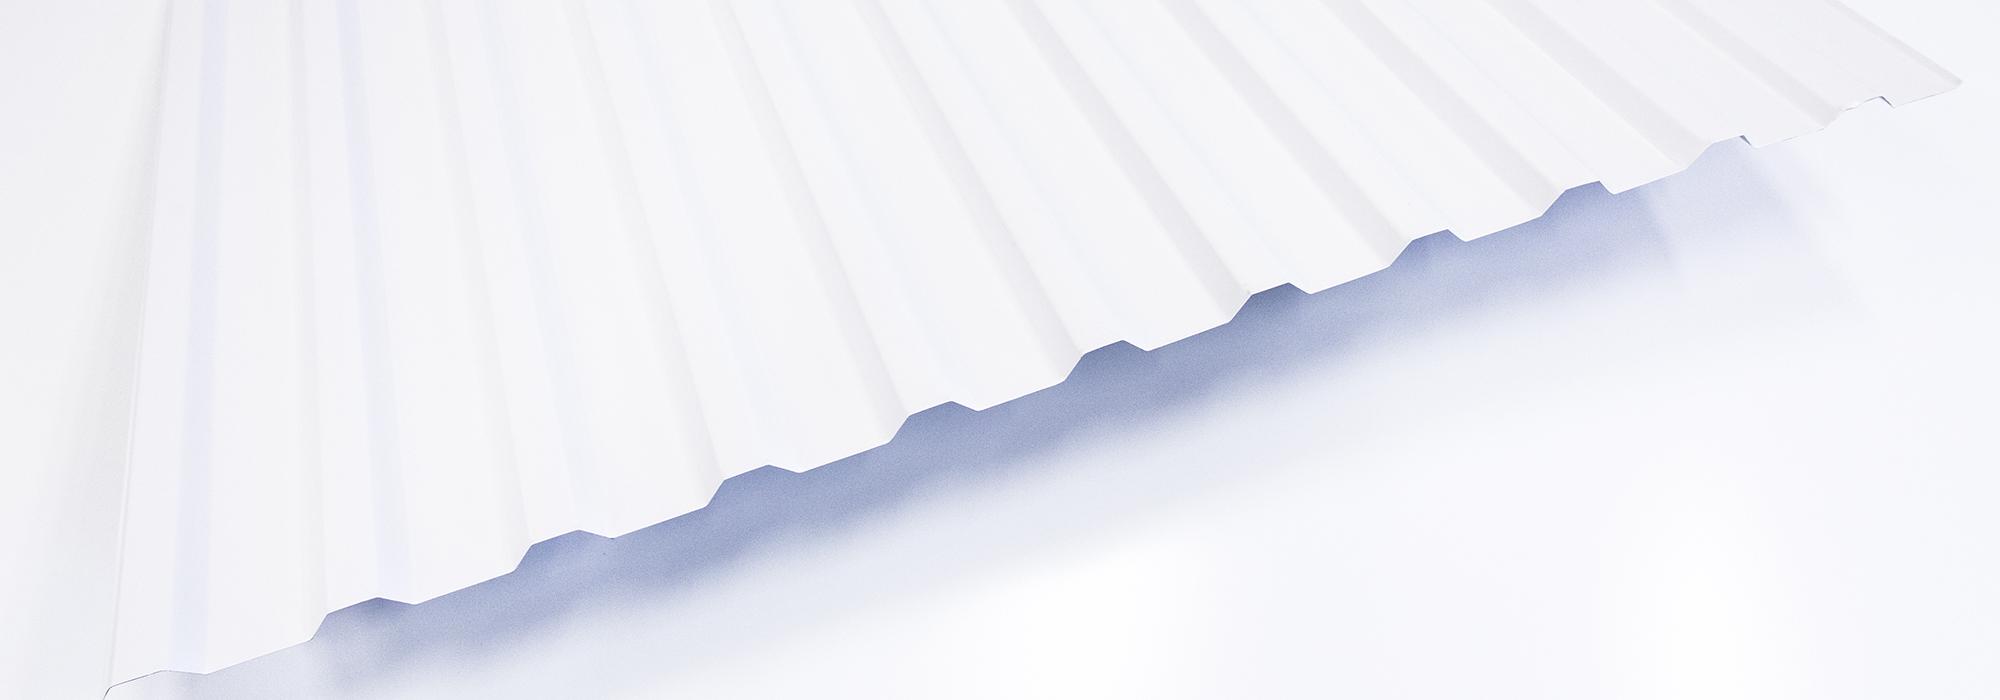 produktbild12-2000x700px